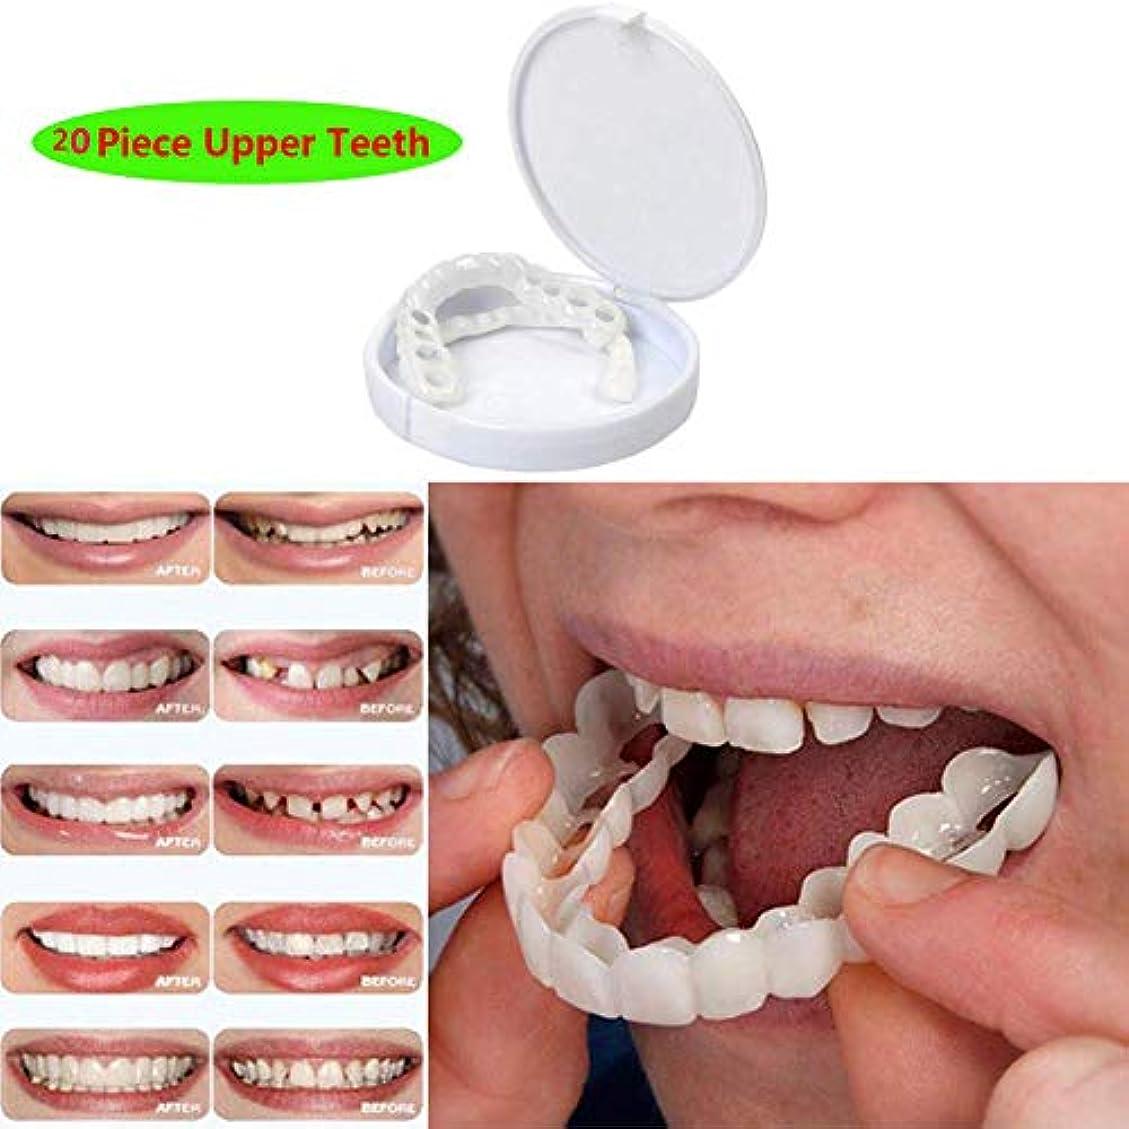 横に海港粘着性一時的な化粧品の歯義歯の歯快適な屈曲を完全に白くする化粧品の模倣された上部の支柱わずかな分のベニヤ、20PCS上部の歯